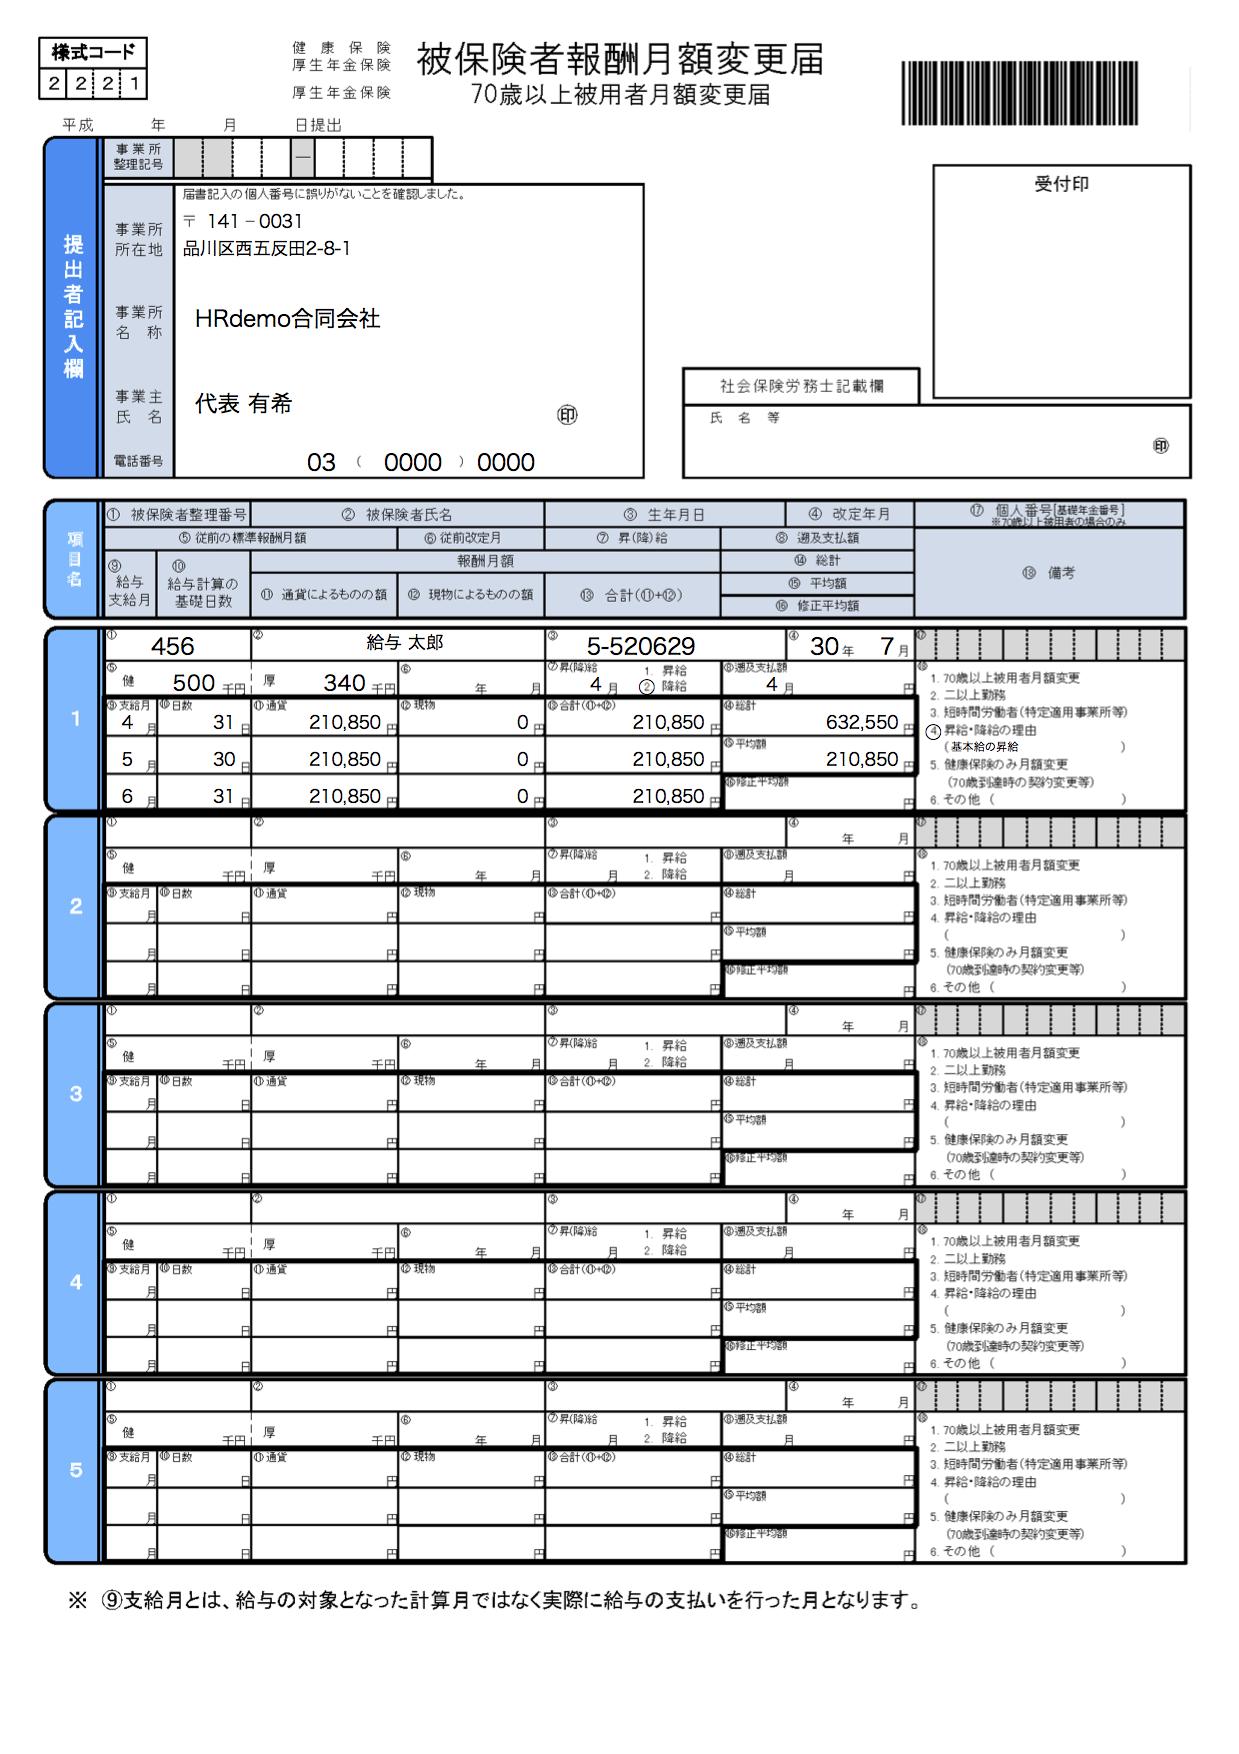 被保険者報酬月額変更届のイメージ図